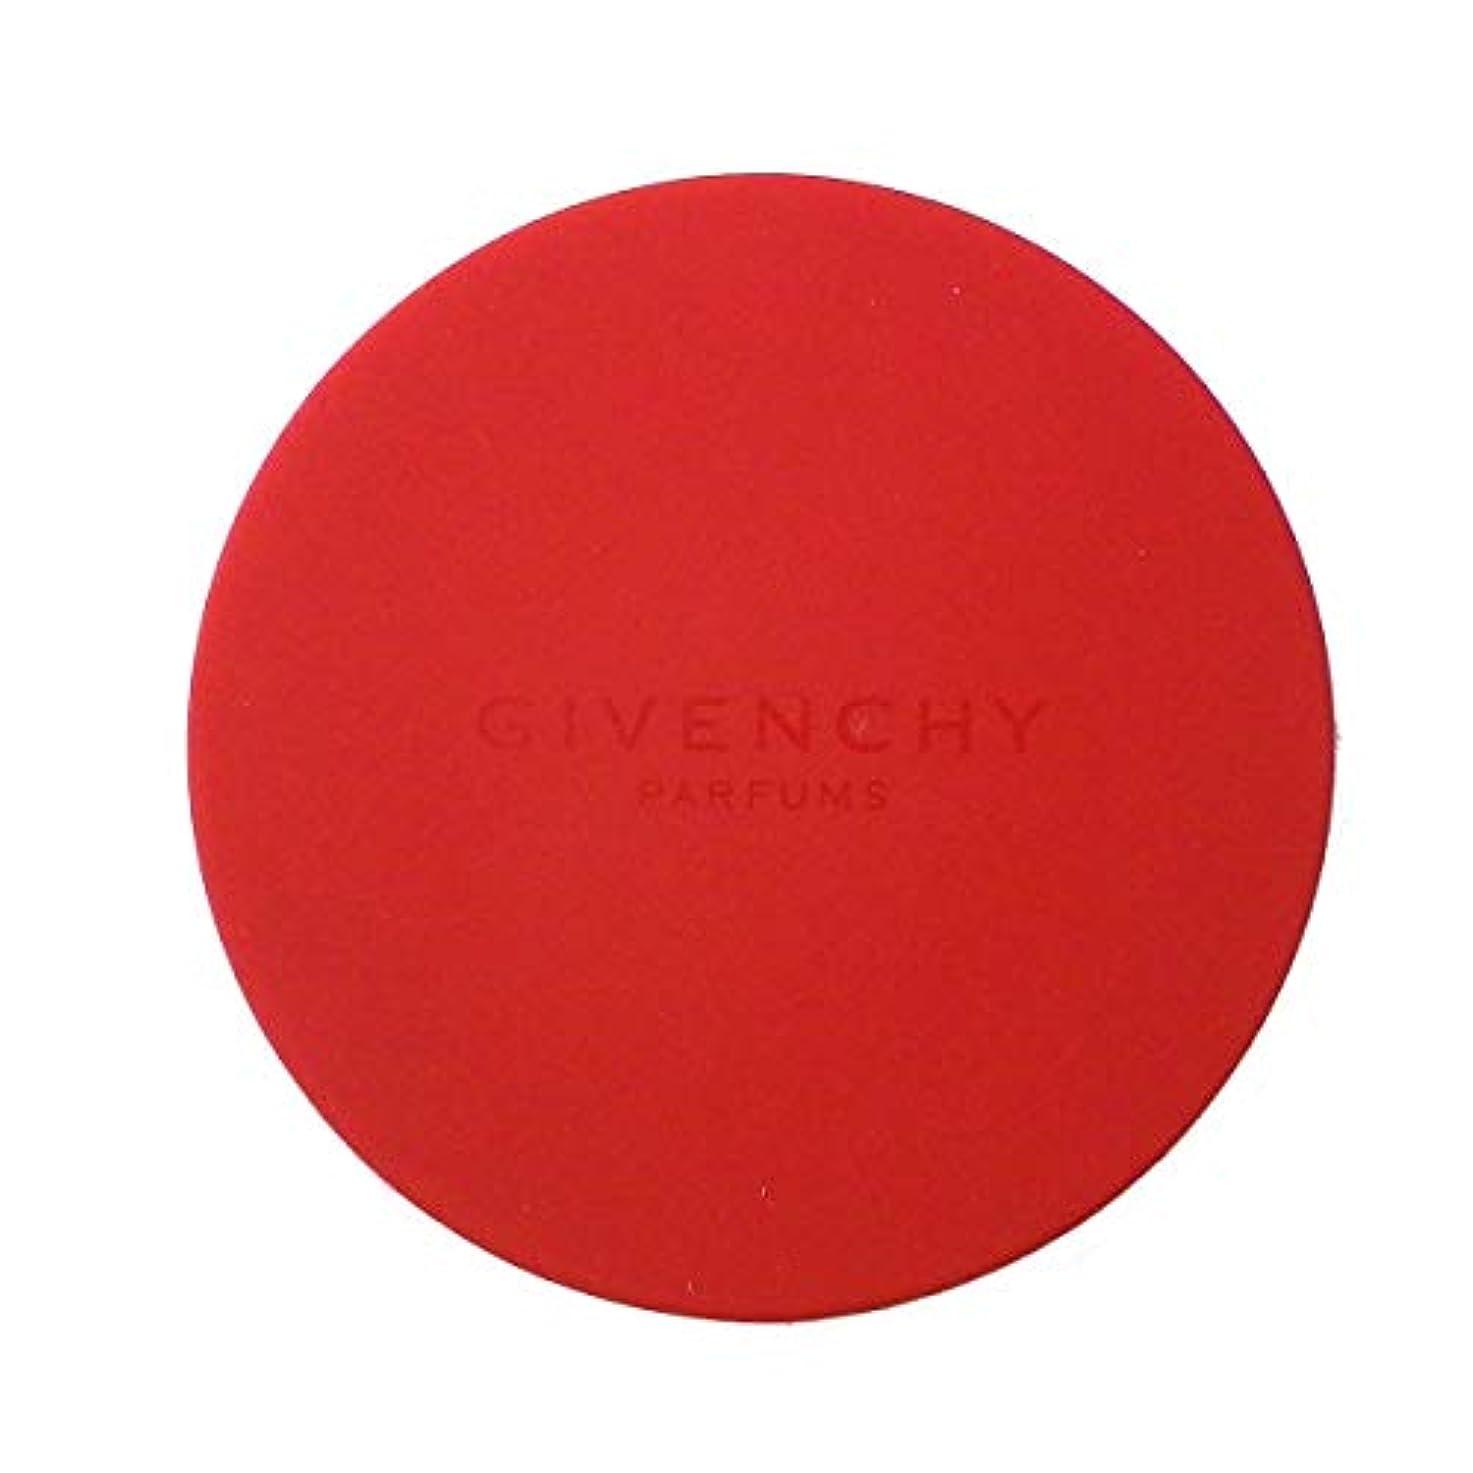 メルボルン実際の生き残ります(ジバンシー) GIVENCHY スライドミラー 鏡 赤 レッド ロゴ コンパクト ミニ 小さめ カバー ラバー 携帯用 化粧 メイク コスメ 海外限定